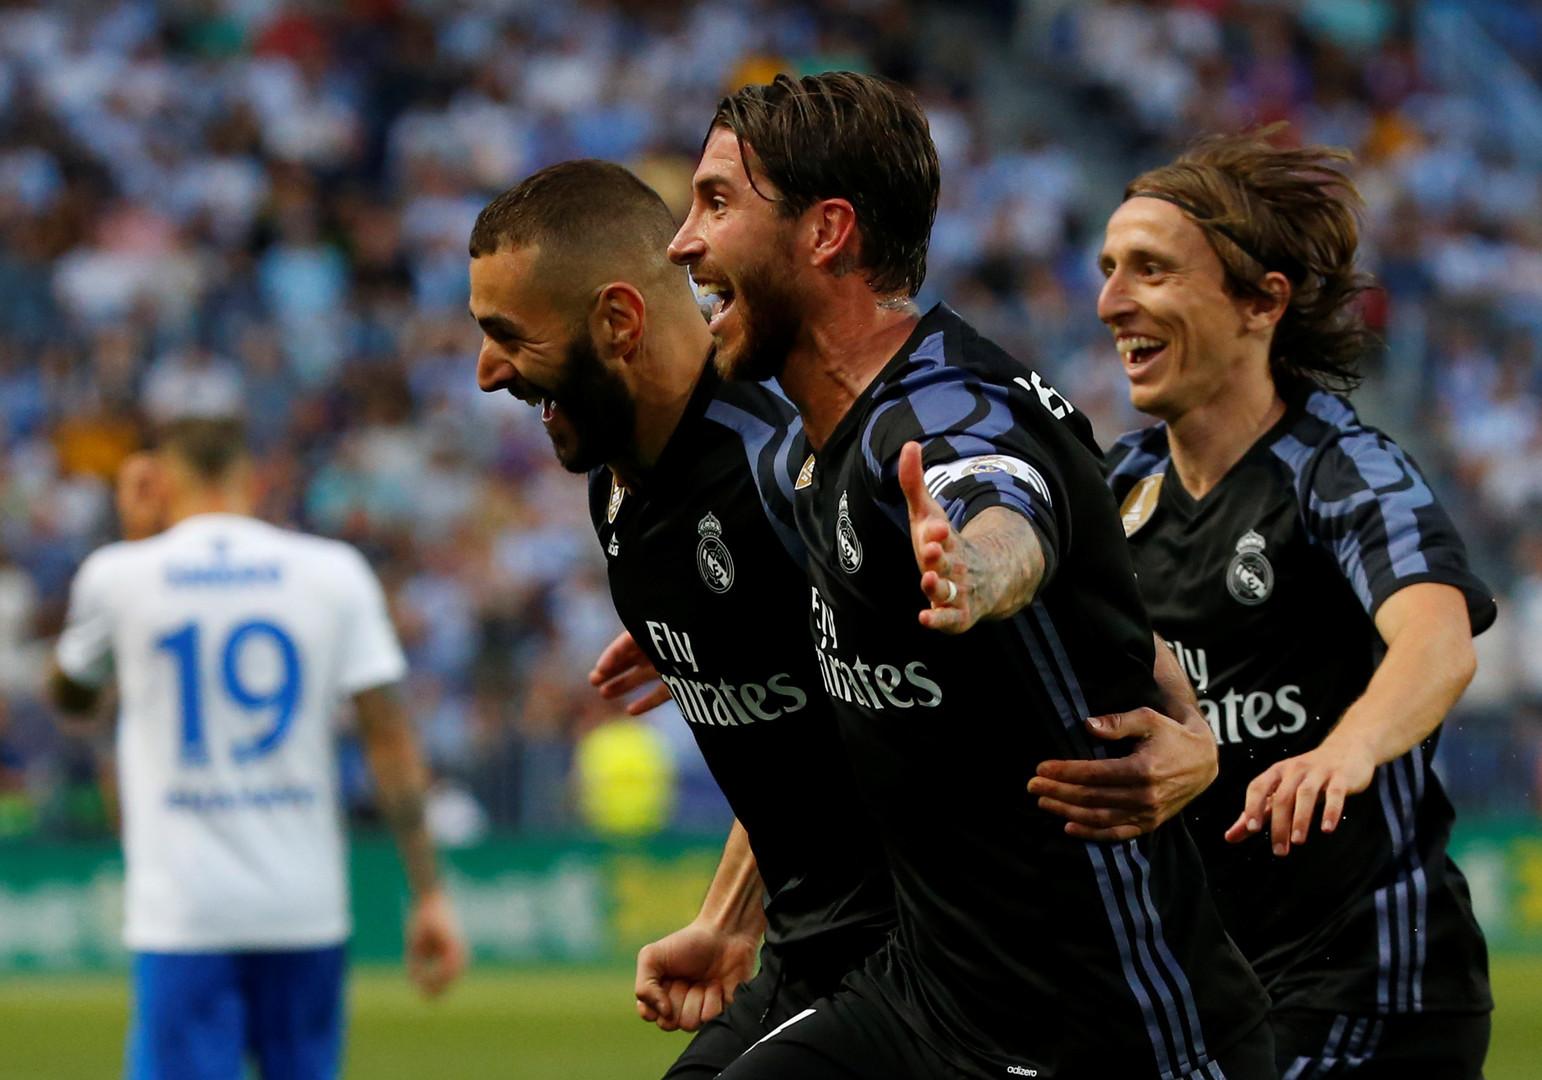 Чемпионство «Реала» и «Ювентуса» и рекорд «Челси»: итоги футбольных выходных в Европе